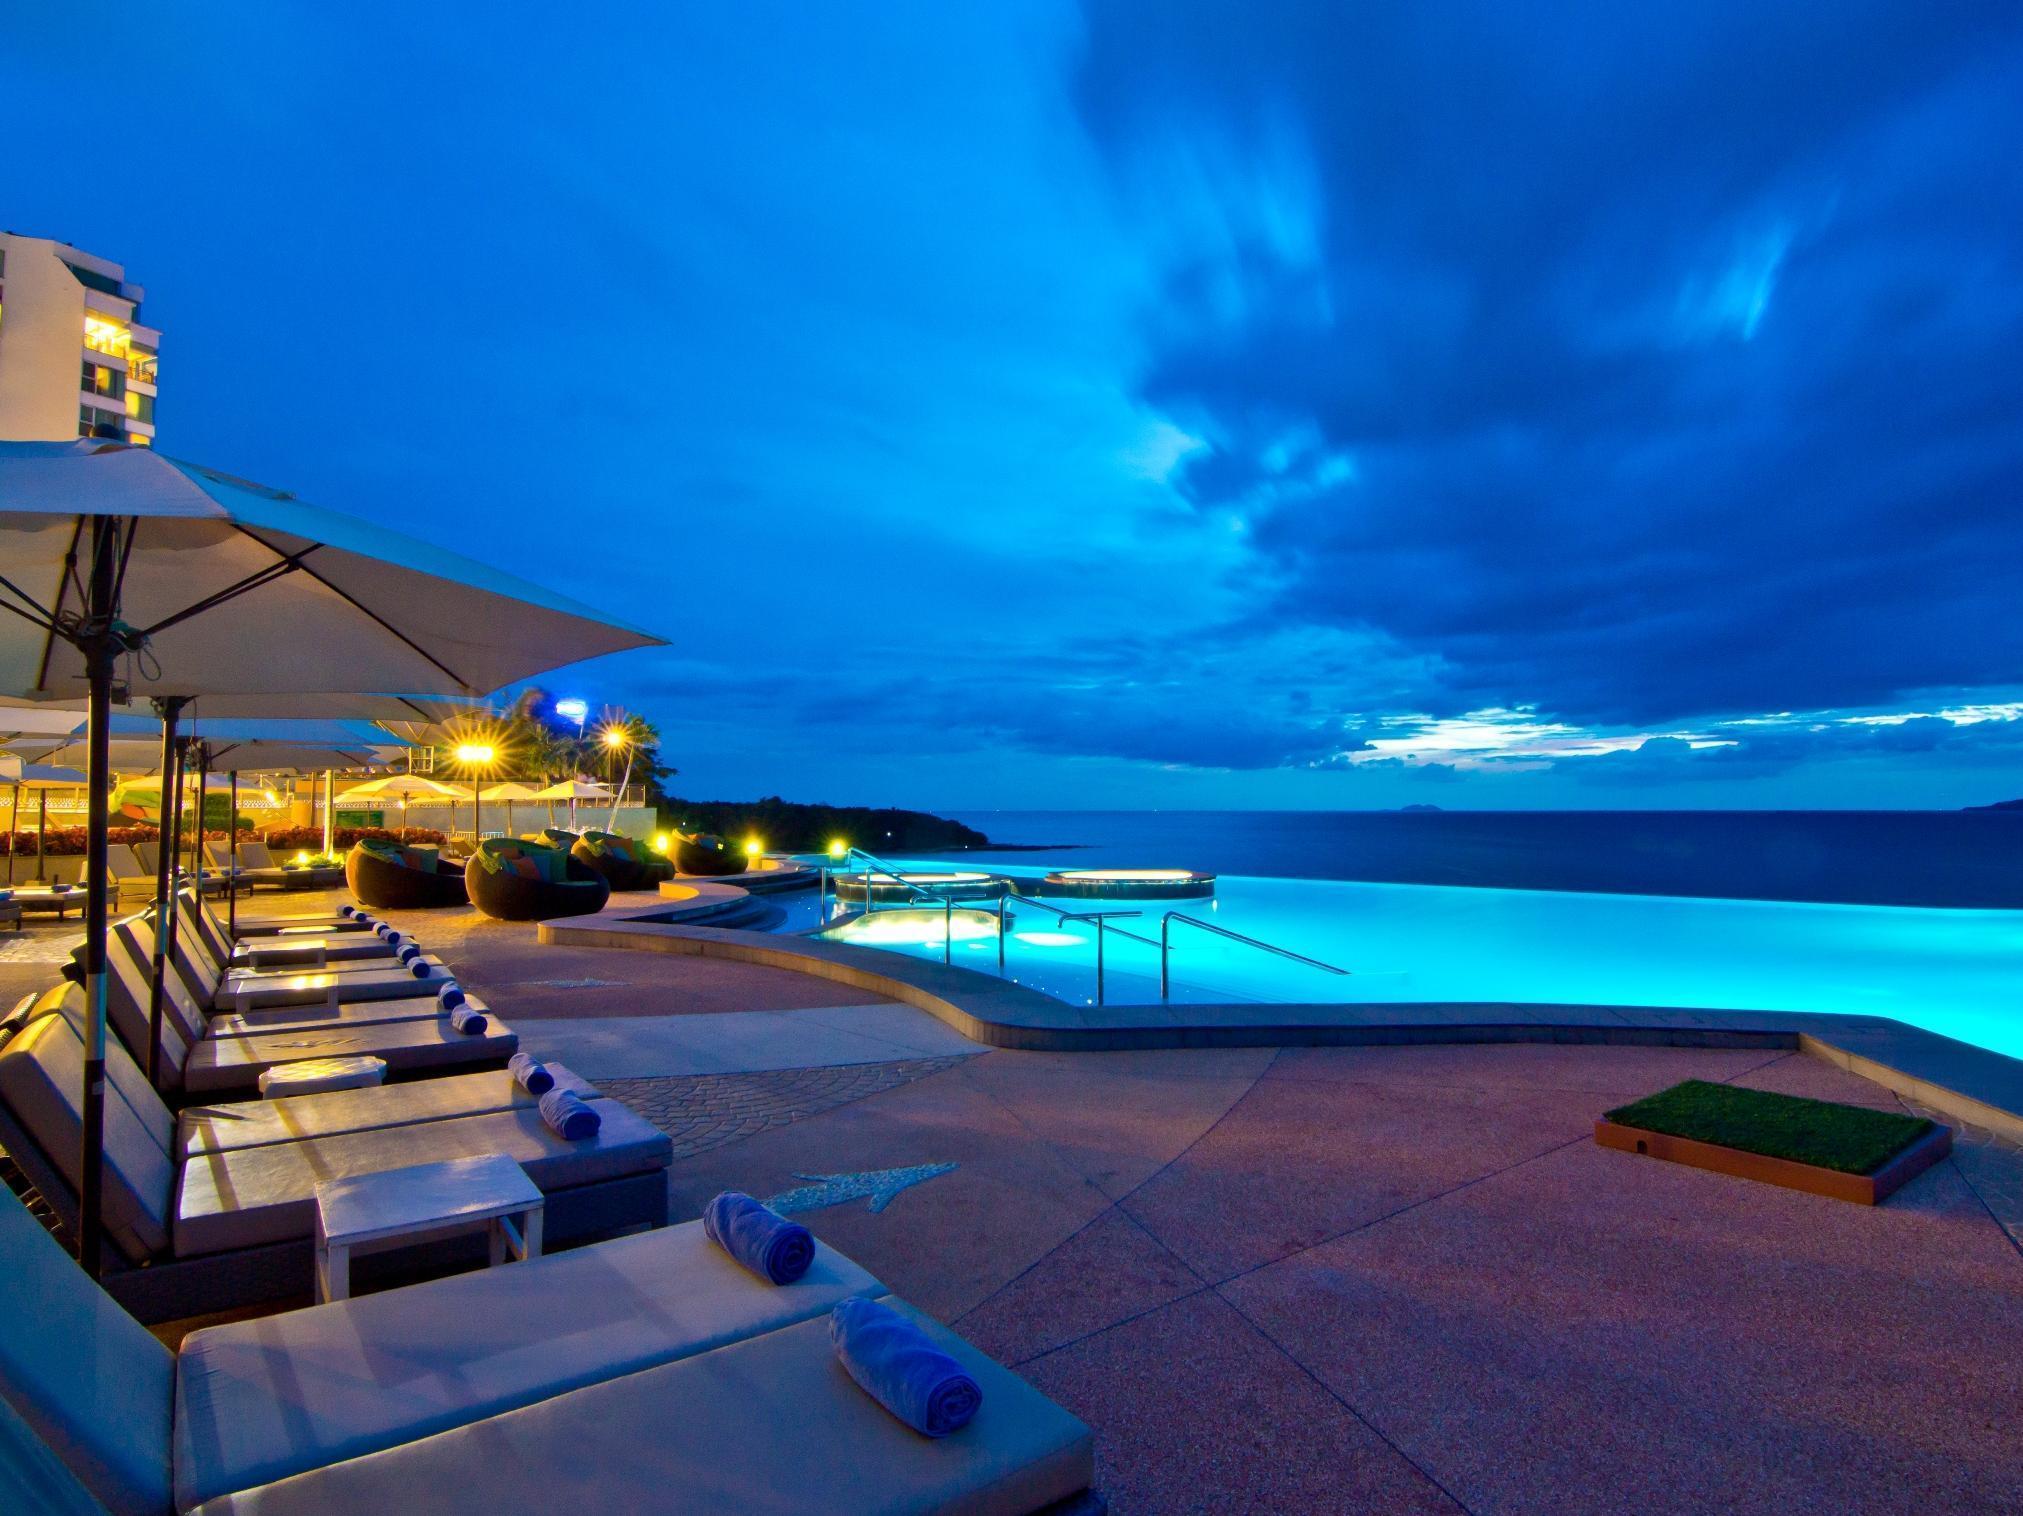 Royal Cliff Beach Hotel รอยัล คลิฟ บีช โฮเต็ล